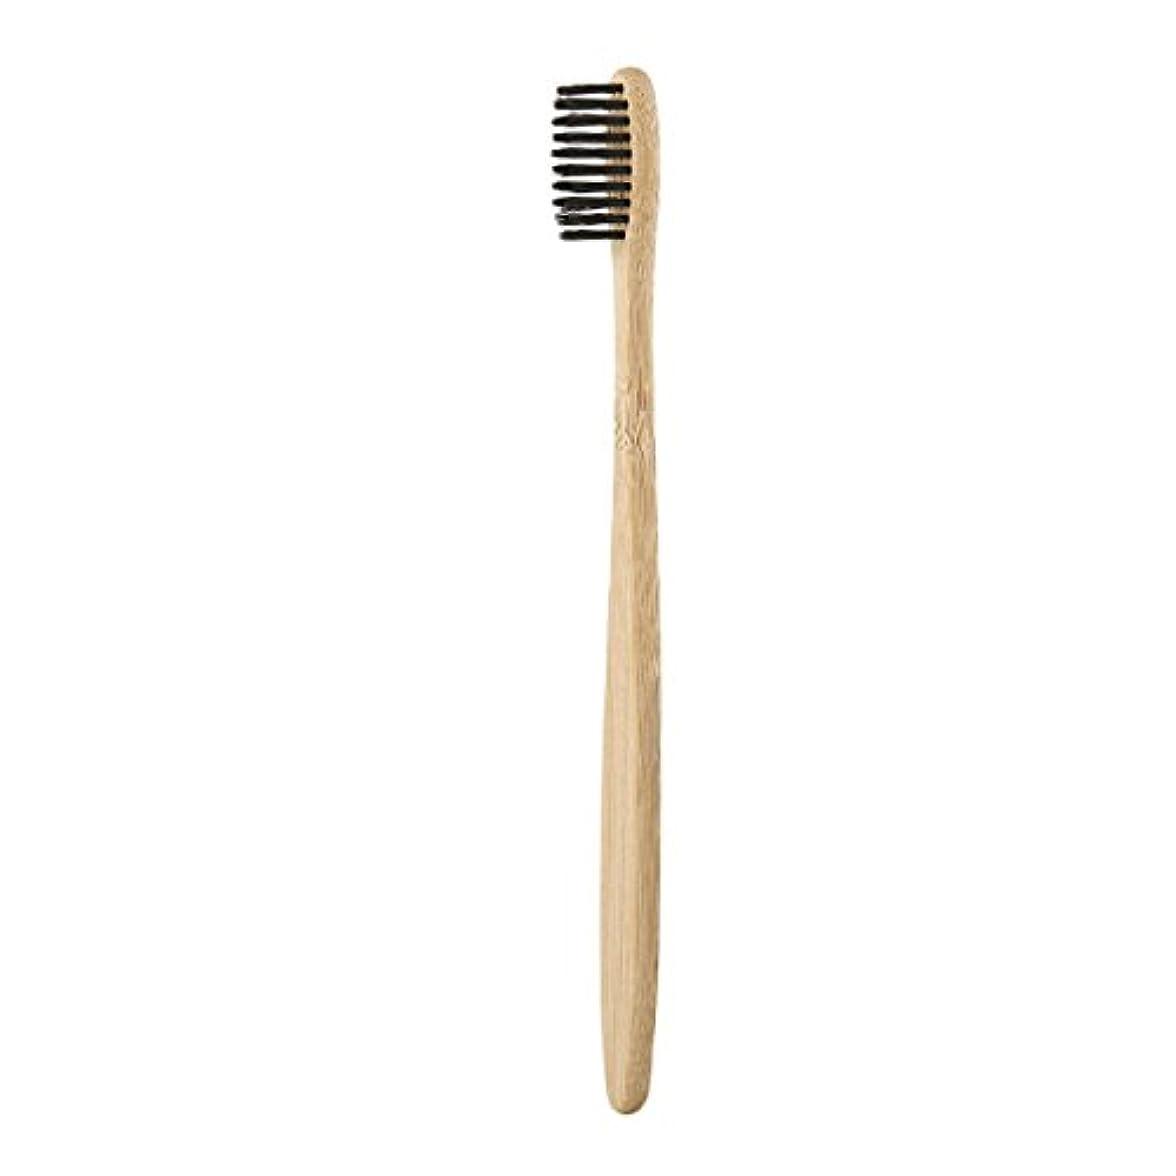 本当に不十分なカートン手作りの快適な環境に優しい環境歯ブラシ竹ハンドル歯ブラシ炭毛健康オーラルケア-ウッドカラー